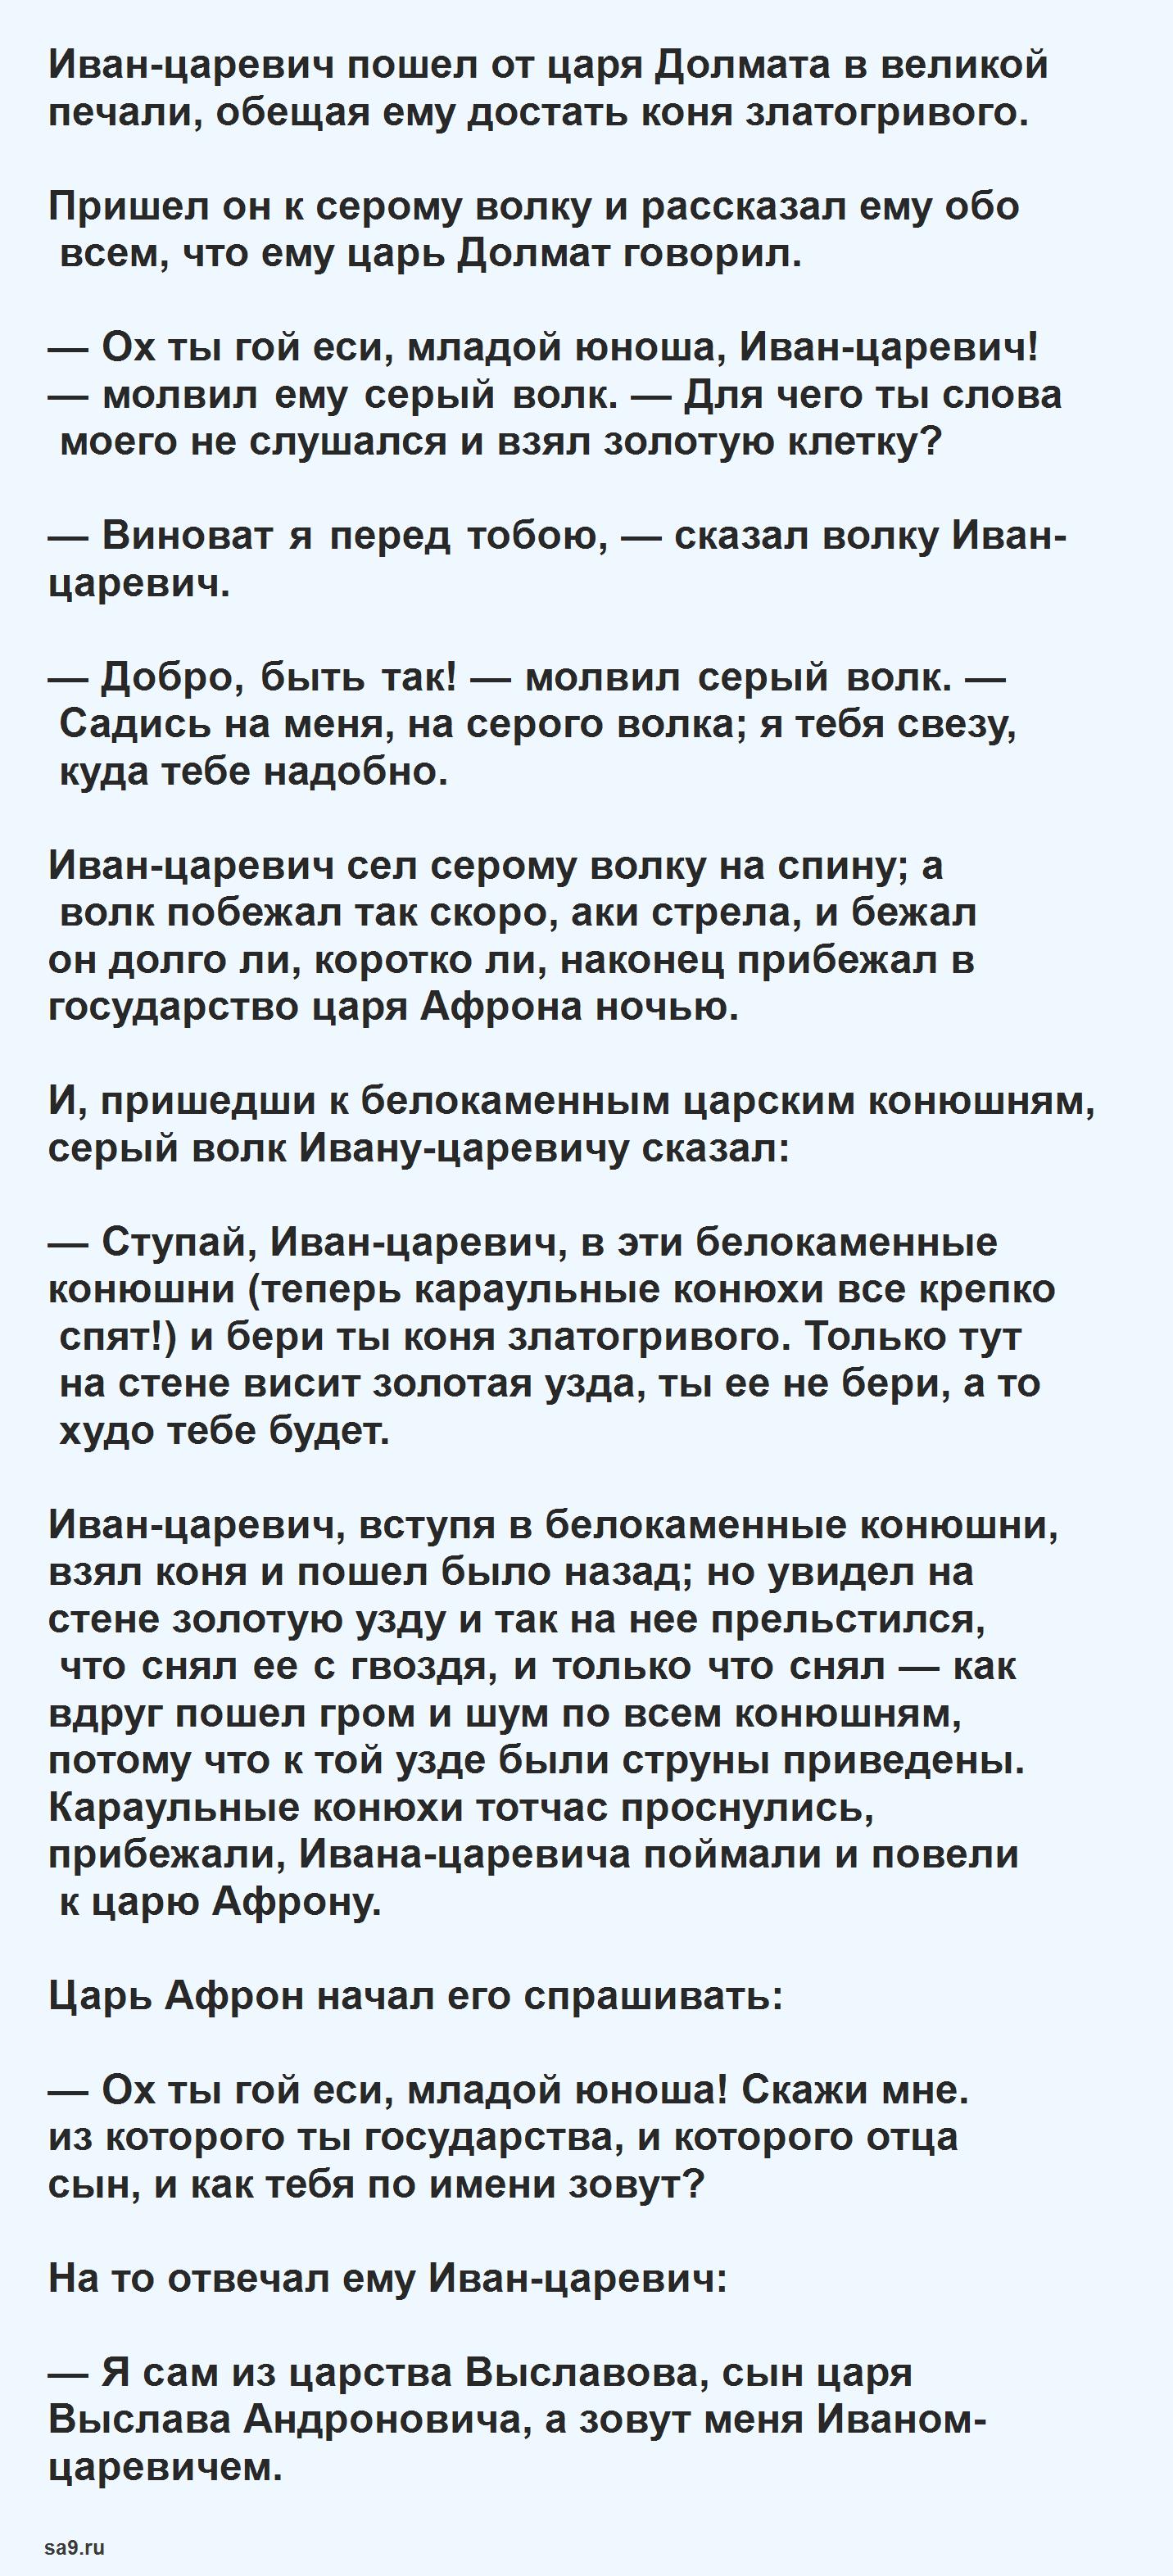 Об Иване царевиче, жар птице и сером волке- русская народная сказка